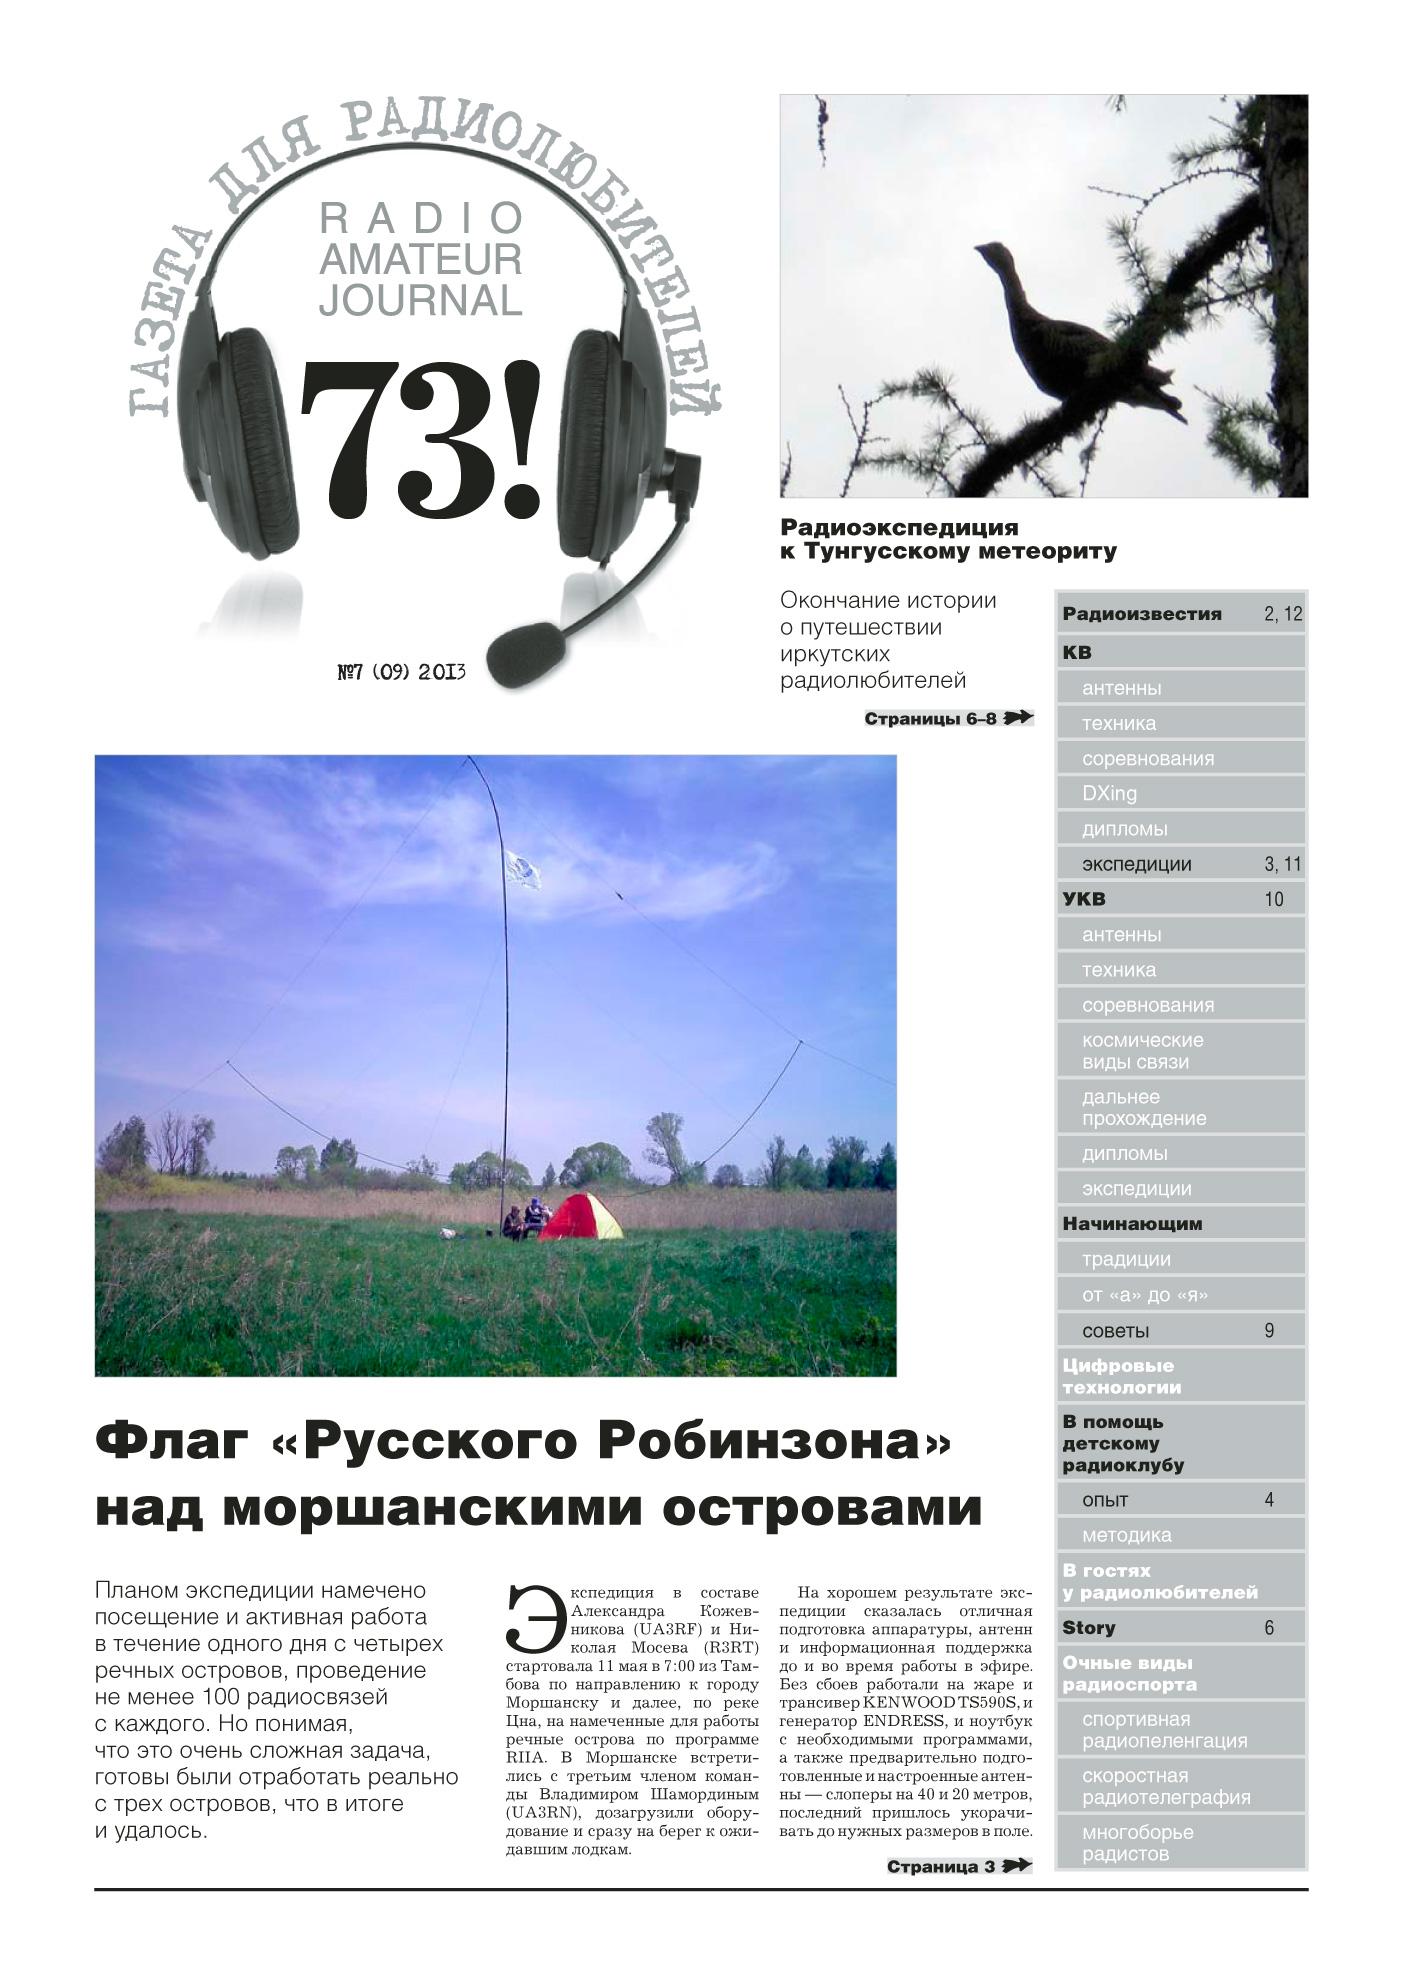 Нажмите на изображение для увеличения.  Название:gazeta_73_07_01.jpg Просмотров:121 Размер:542.2 Кб ID:103867